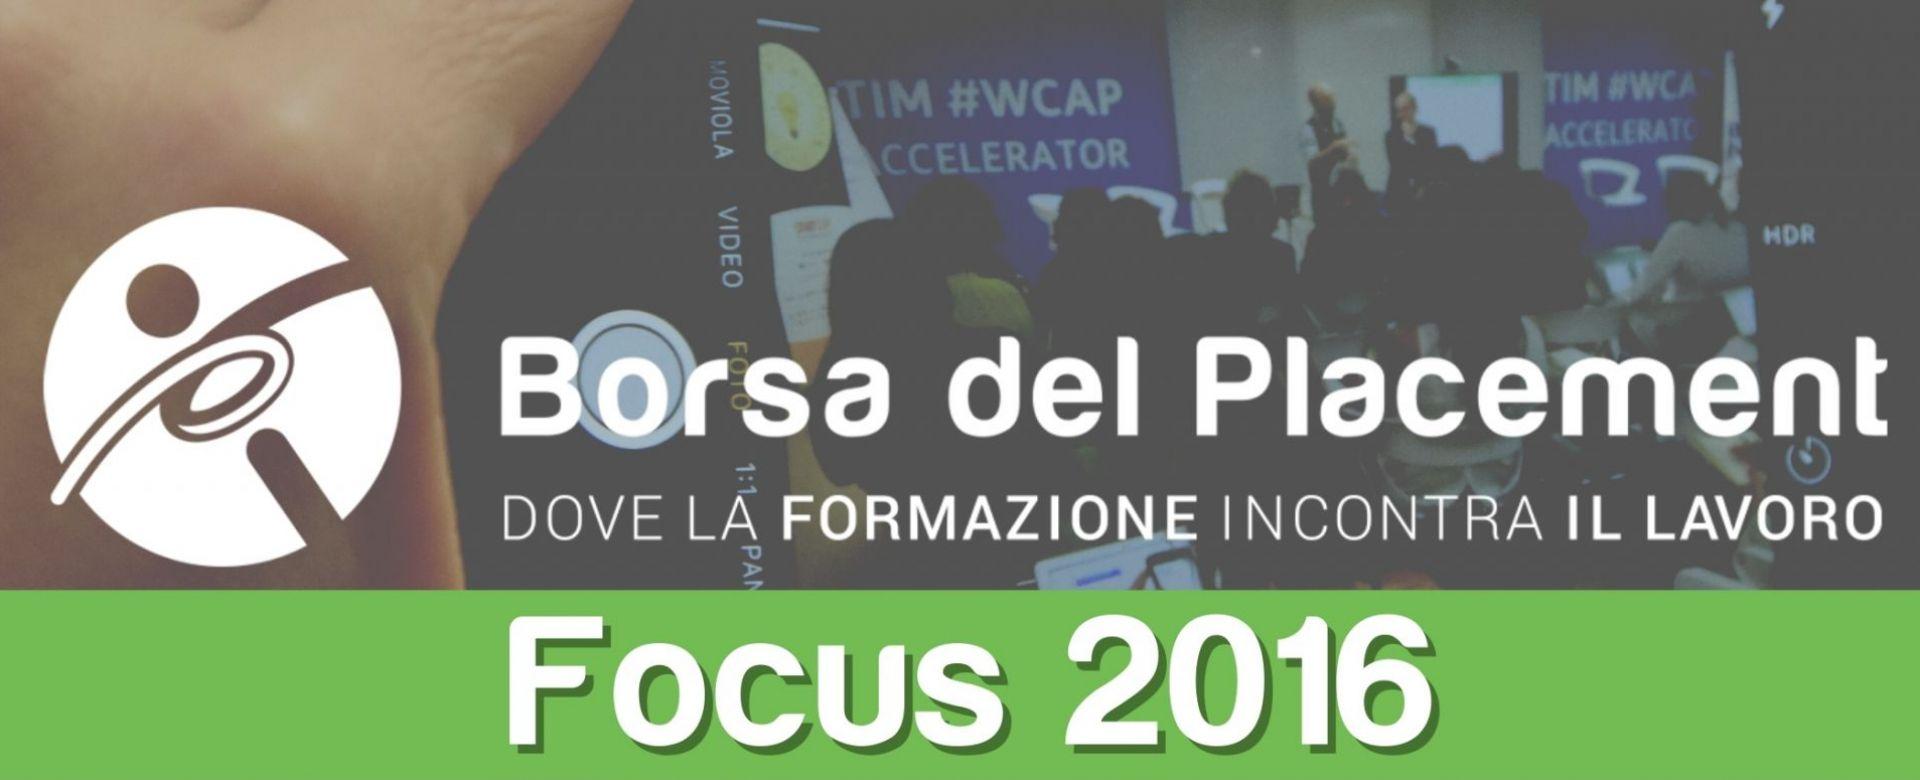 26.09.2016 - Focus 2016: l'importanza degli Alumni